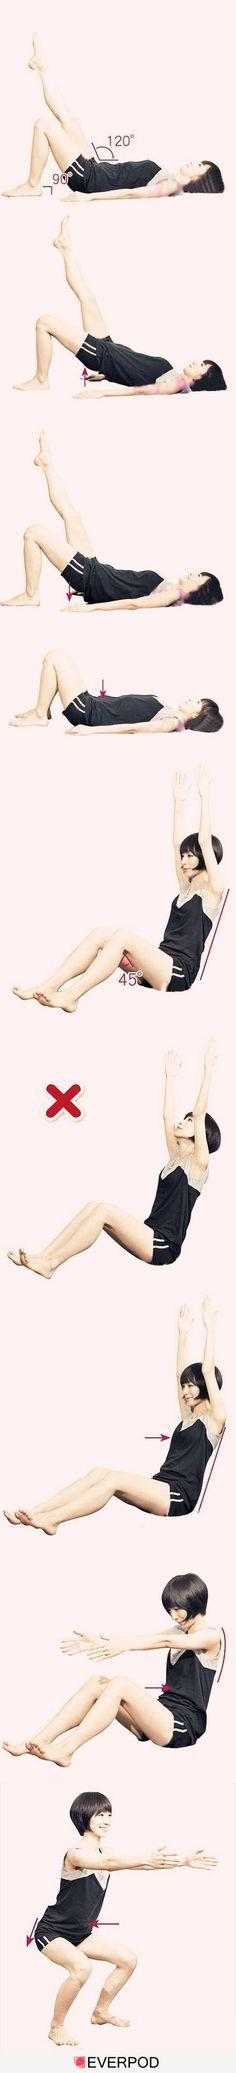 Exercicis bàsics per estirar el cos. Fantàstic tenir-ho a ma!